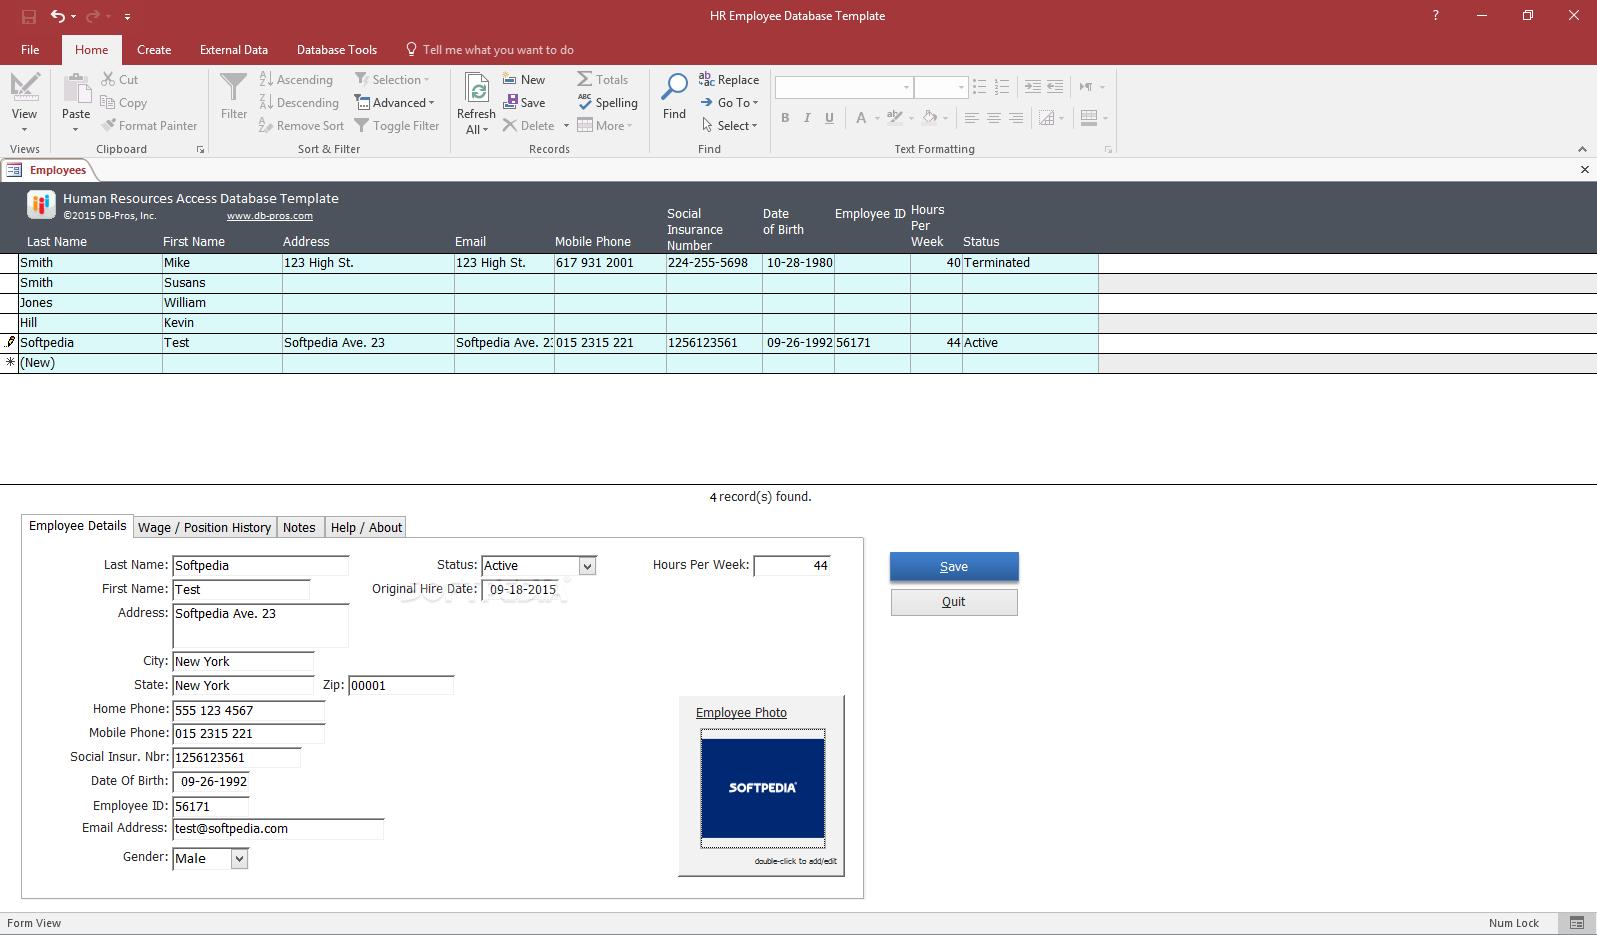 Employee Database Template